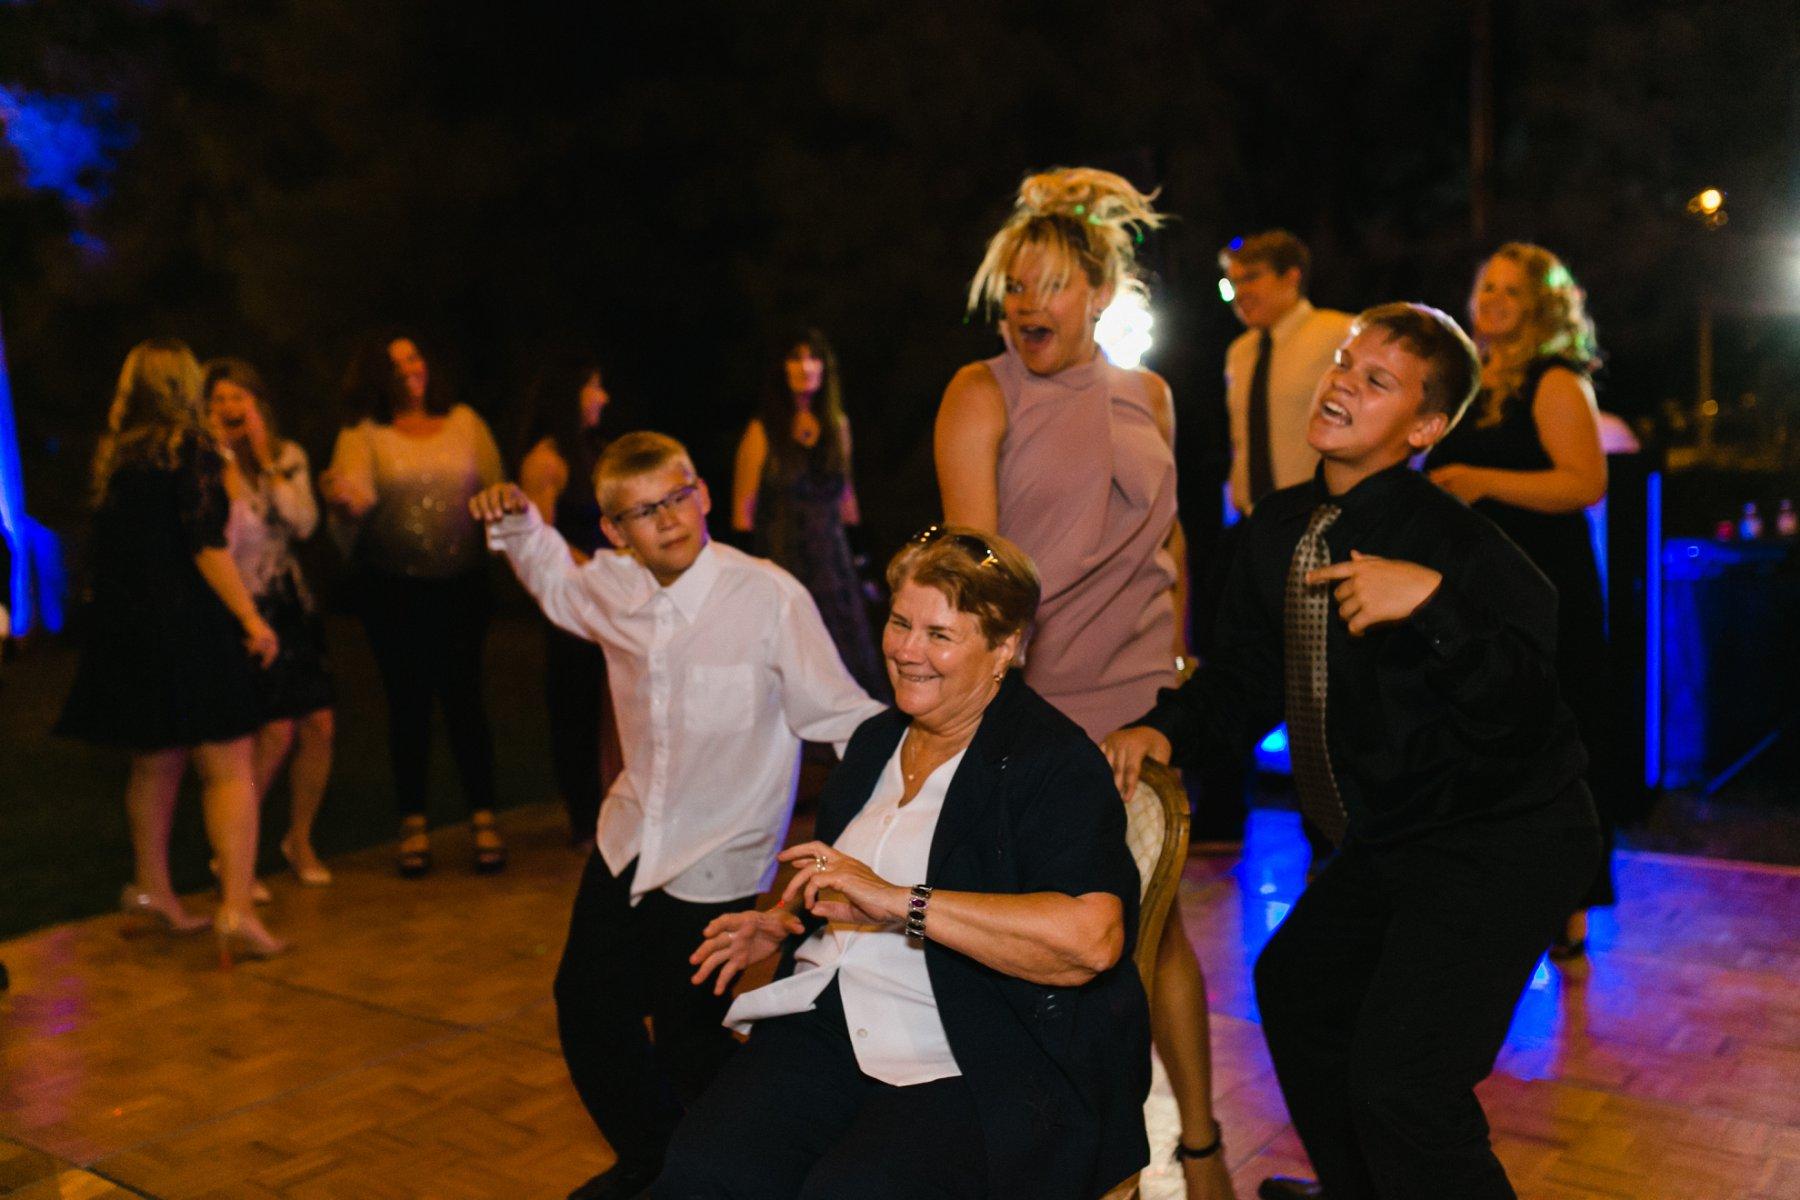 wedding reception at Schnepf Farms